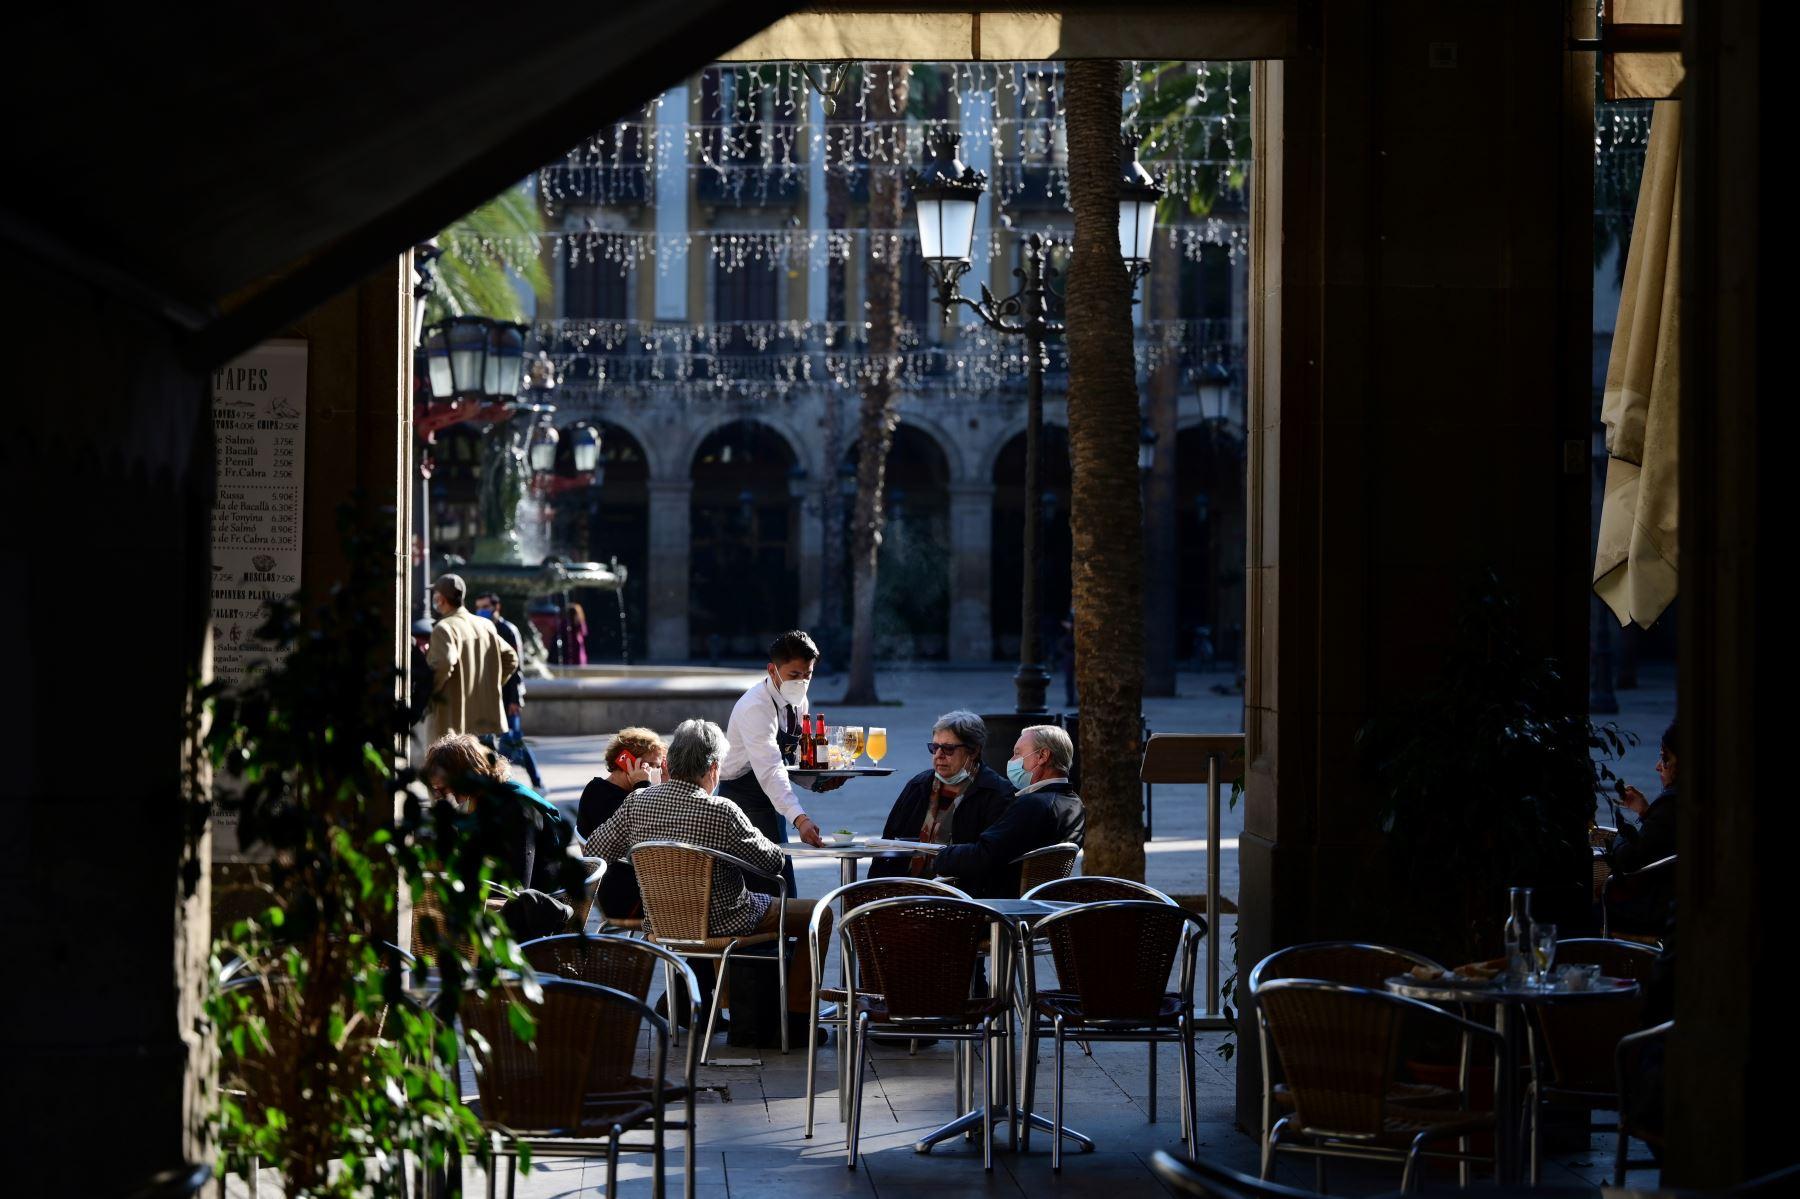 Un camarero atiende a los clientes en un restaurante de Barcelona cuando se permitió la reapertura de bares, restaurantes y cines en la región nororiental española de Cataluña. Foto: AFP